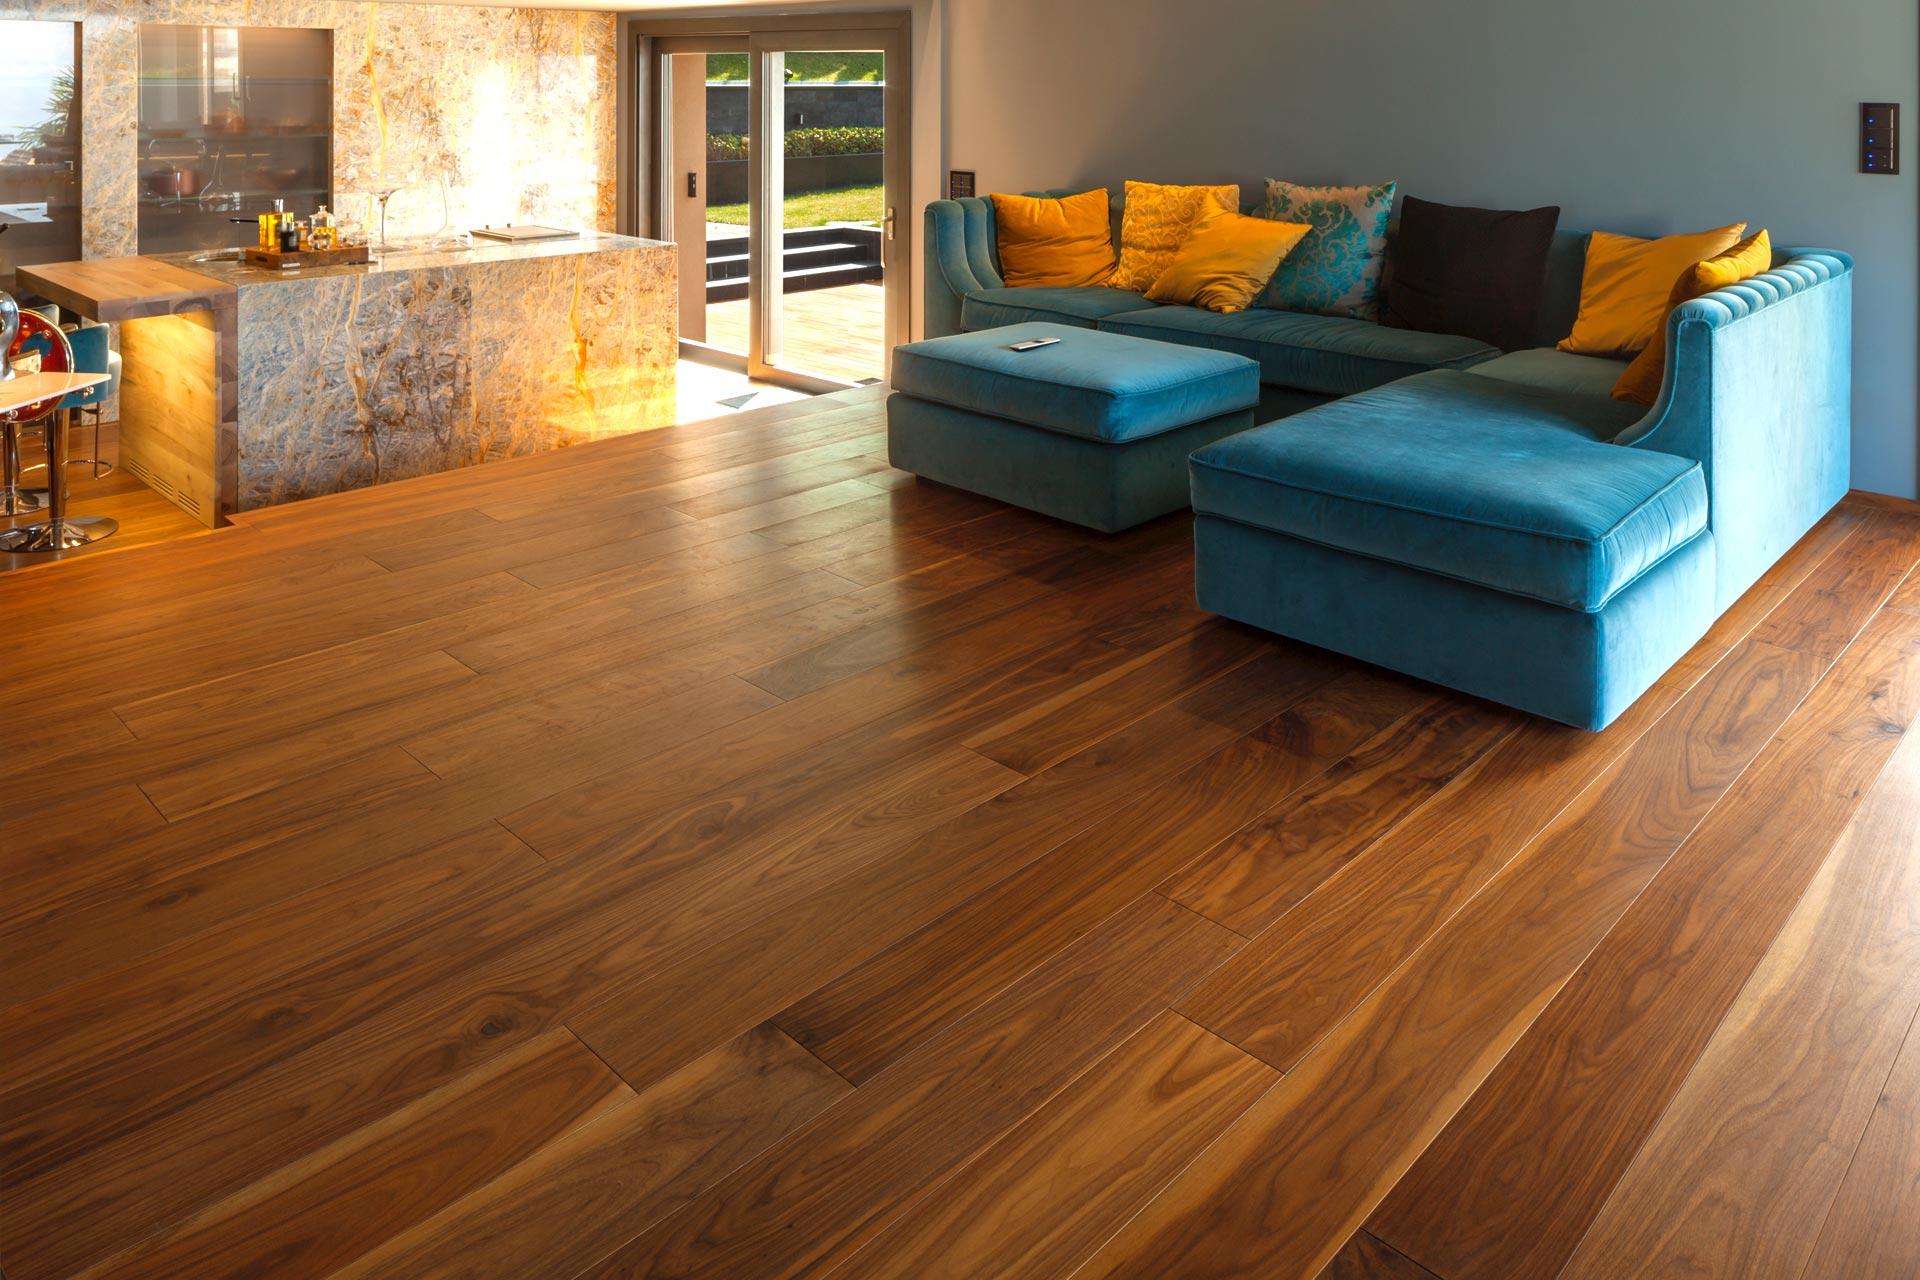 Nobili superfici lignee - Verniciatura di pavimenti in legno